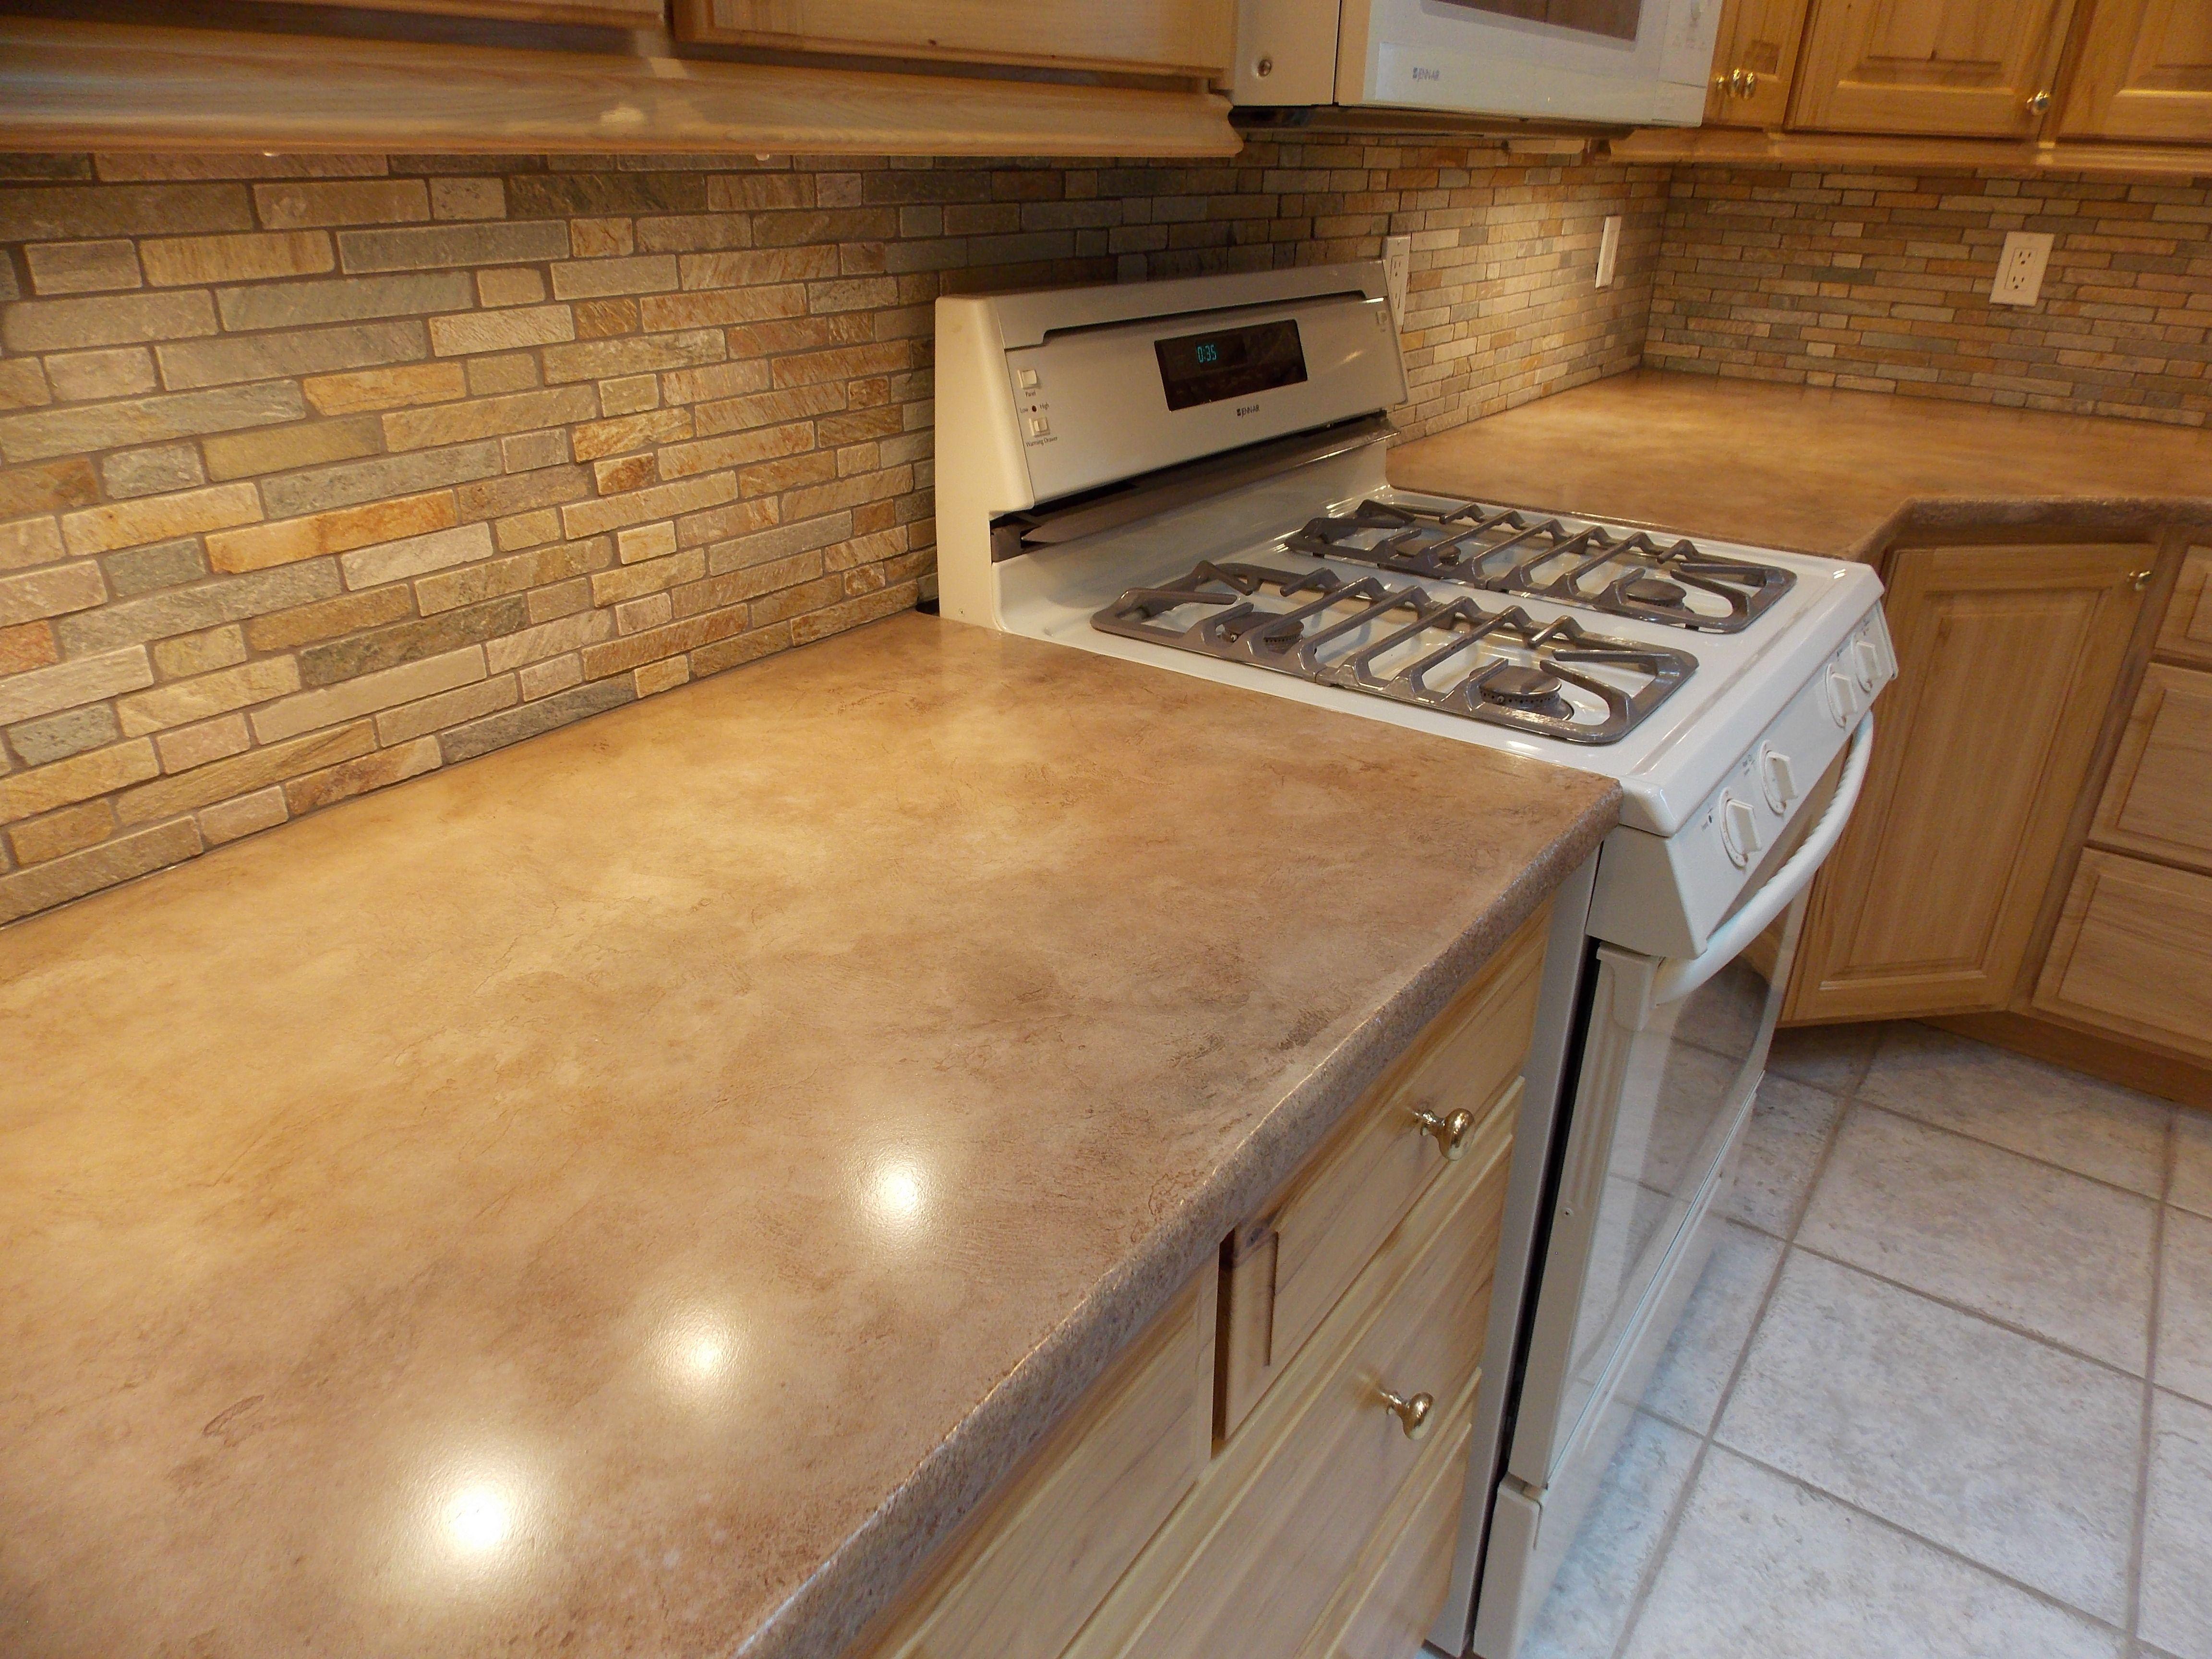 resurfacing kitchen countertops bay window pour concrete over tile countertop design ideas